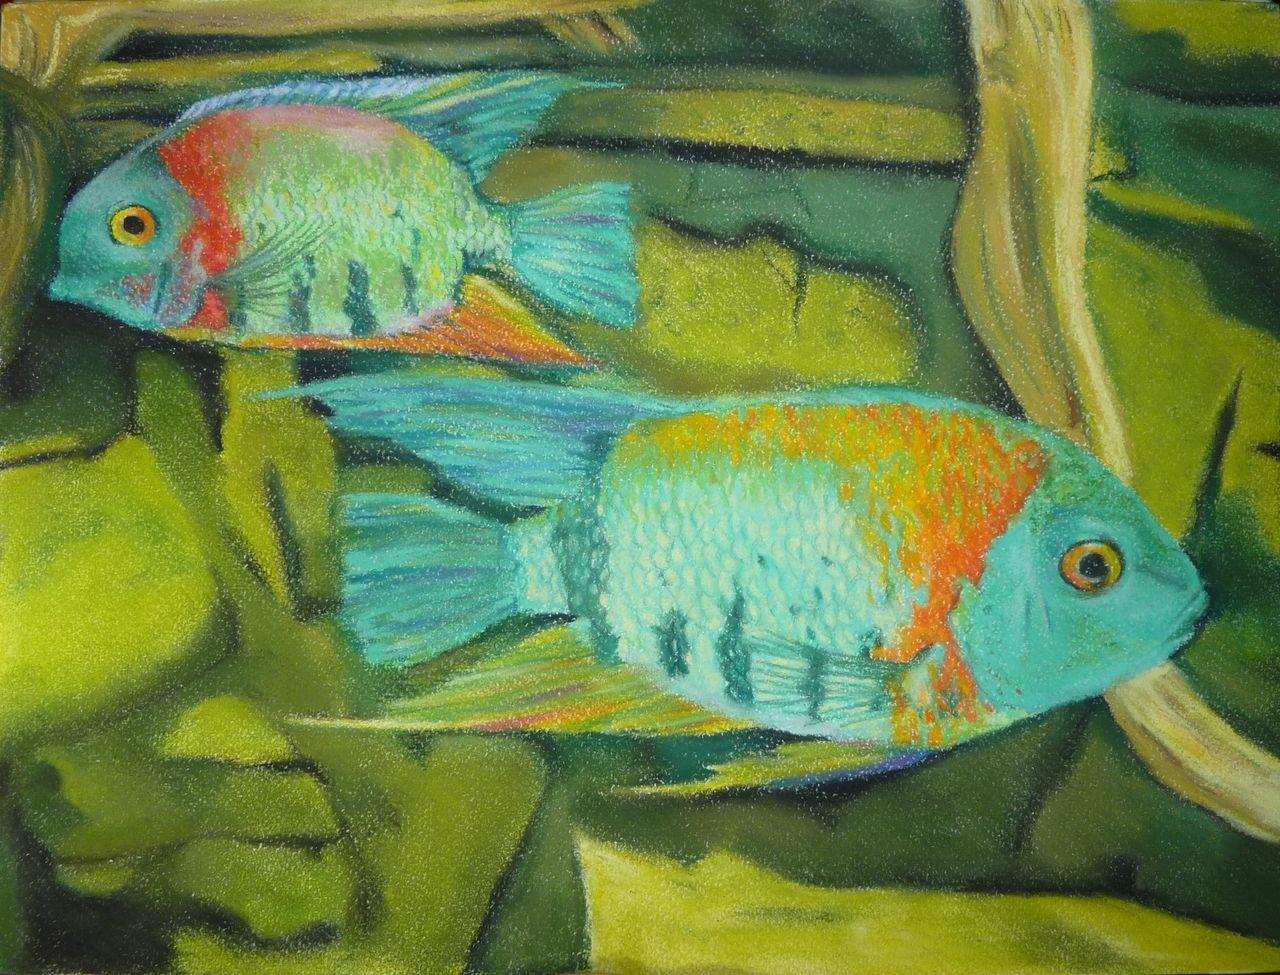 Bild fische aquarium malerei von esther bei kunstnet for Fische aquarium